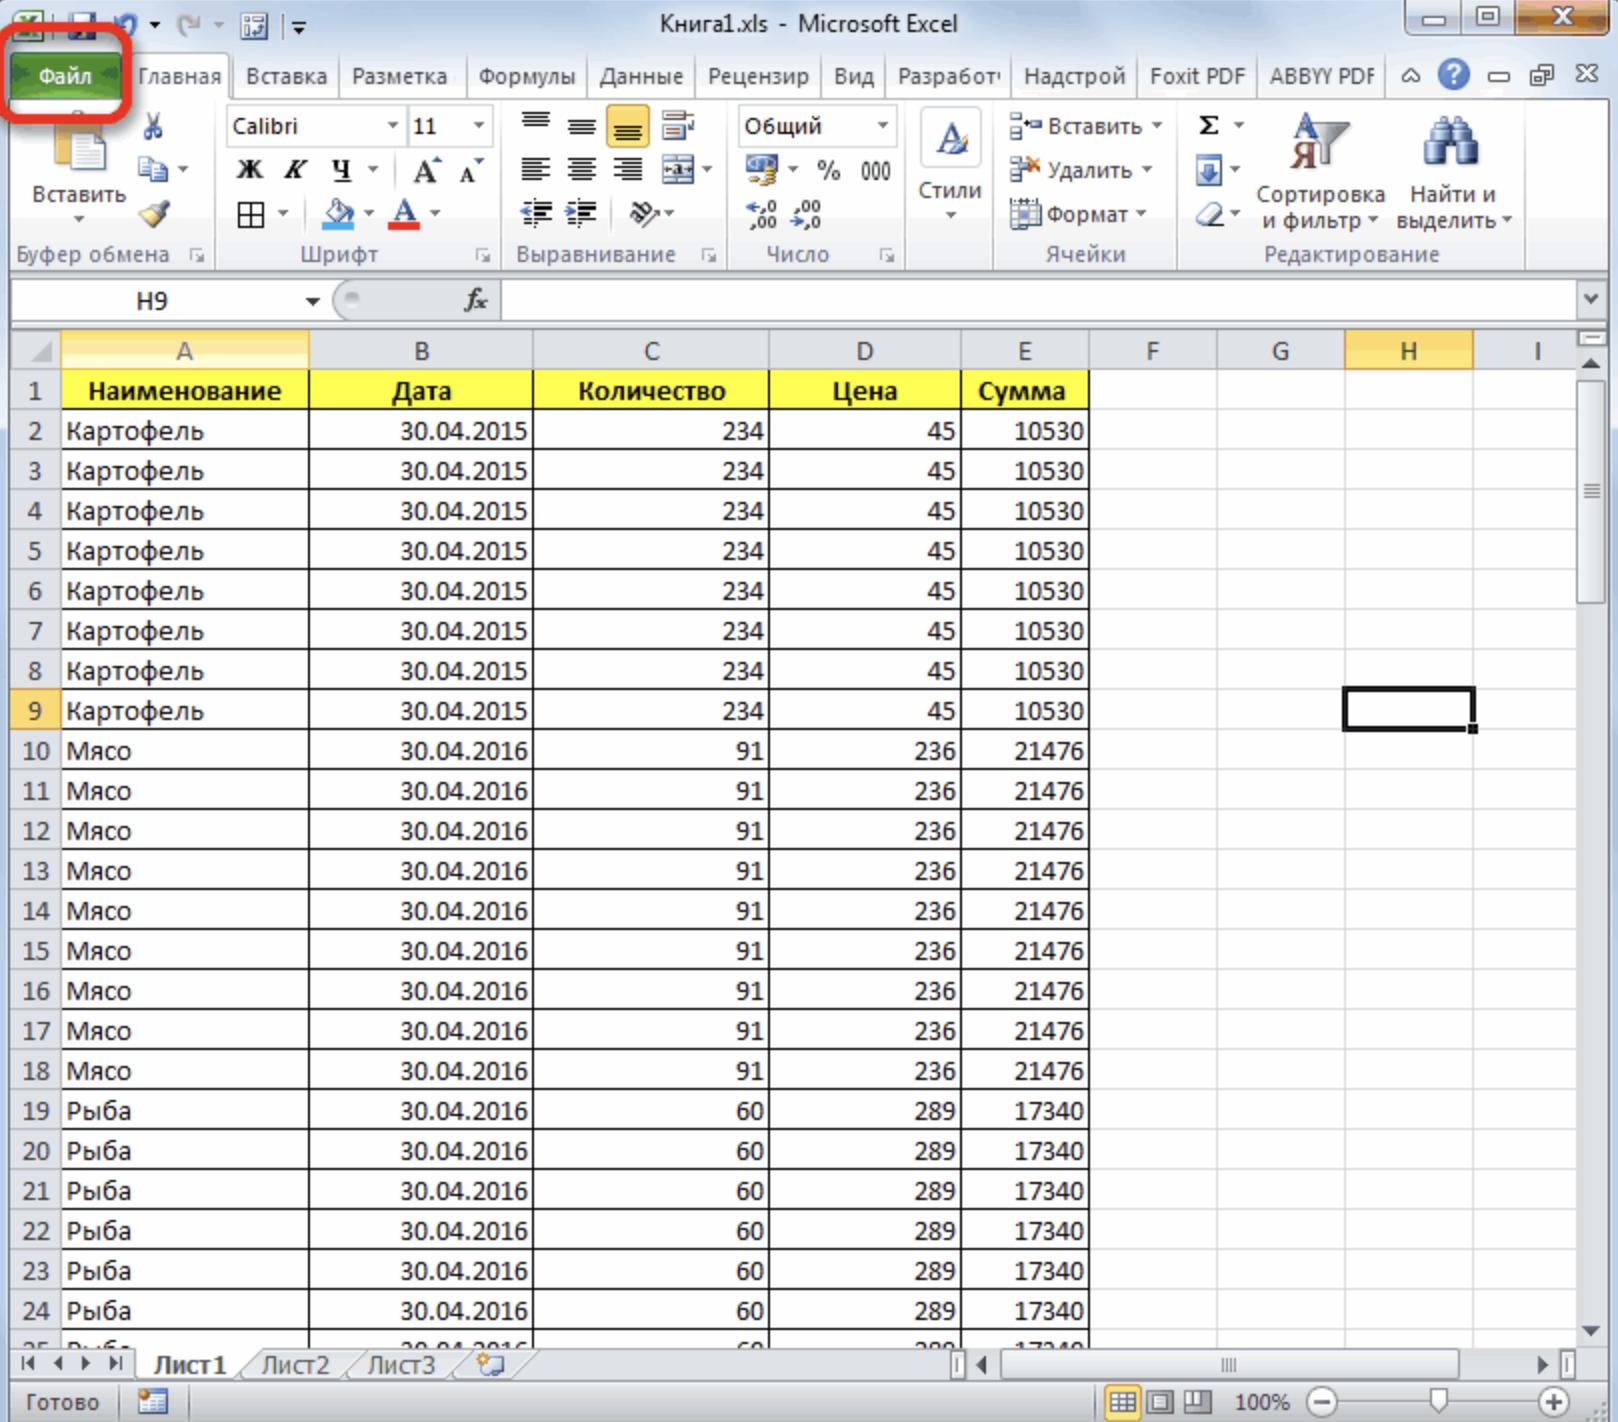 как уменьшить размер файла в excel онлайн